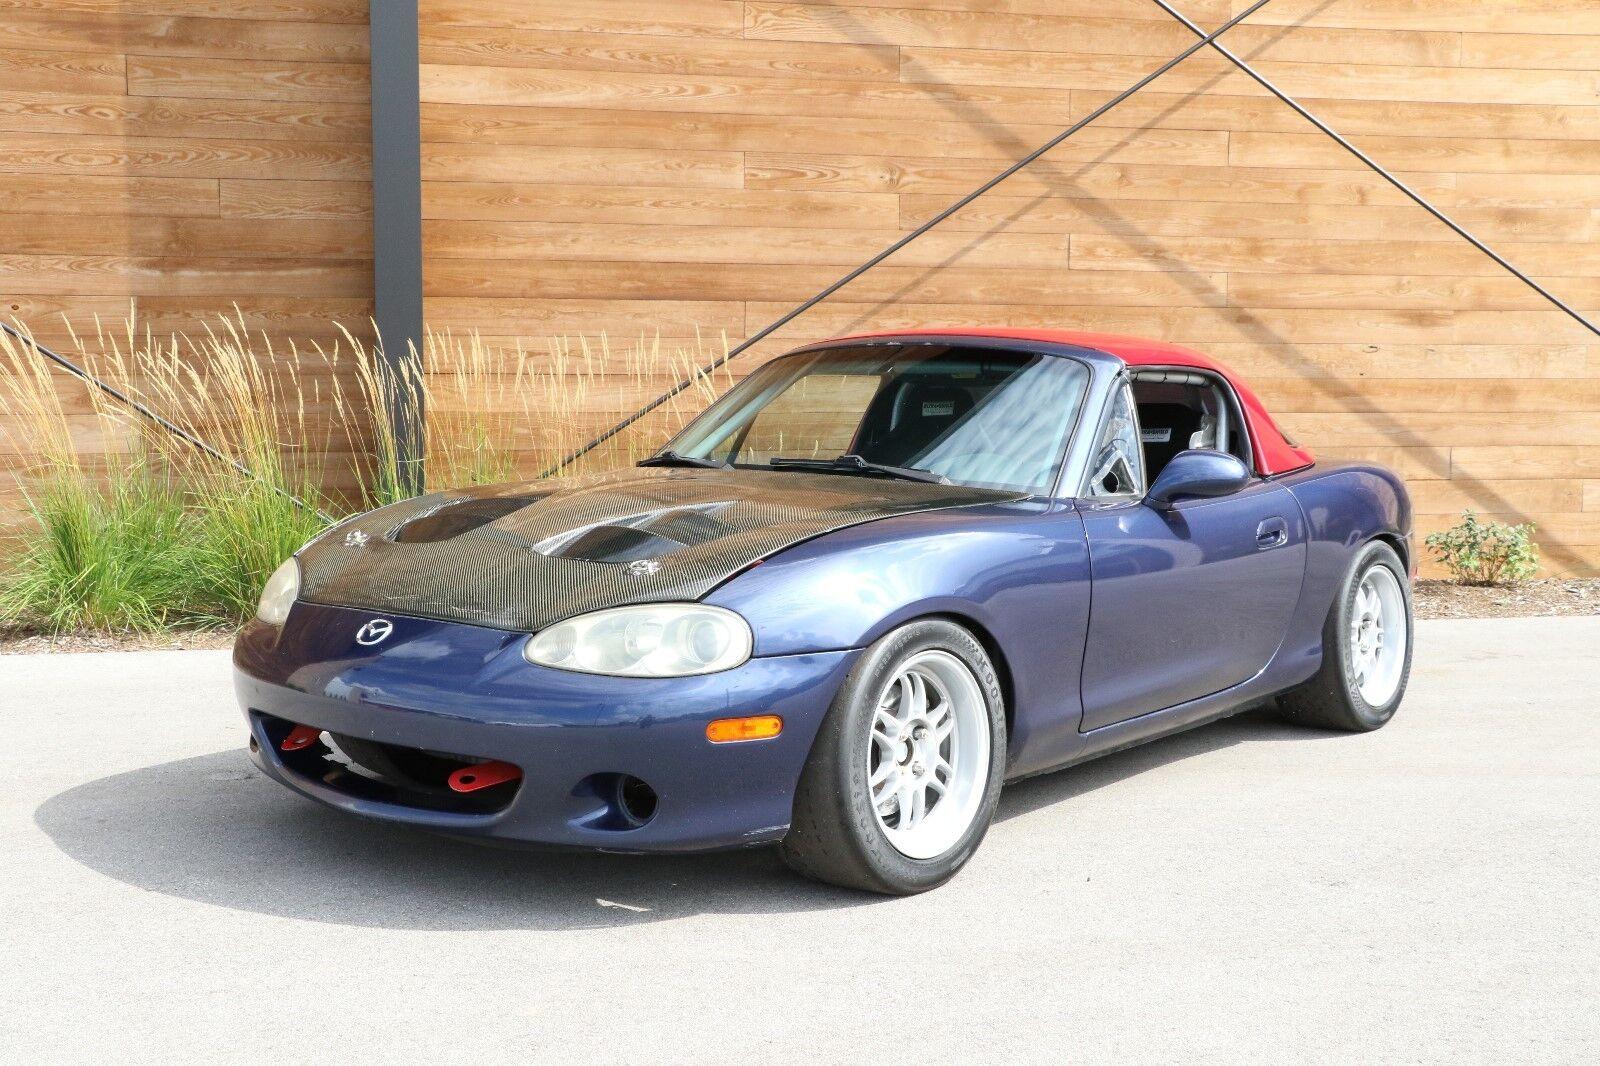 2001 Mazda Miata MX-5 Track Car / Race Car - *2.0 Liter Motor*